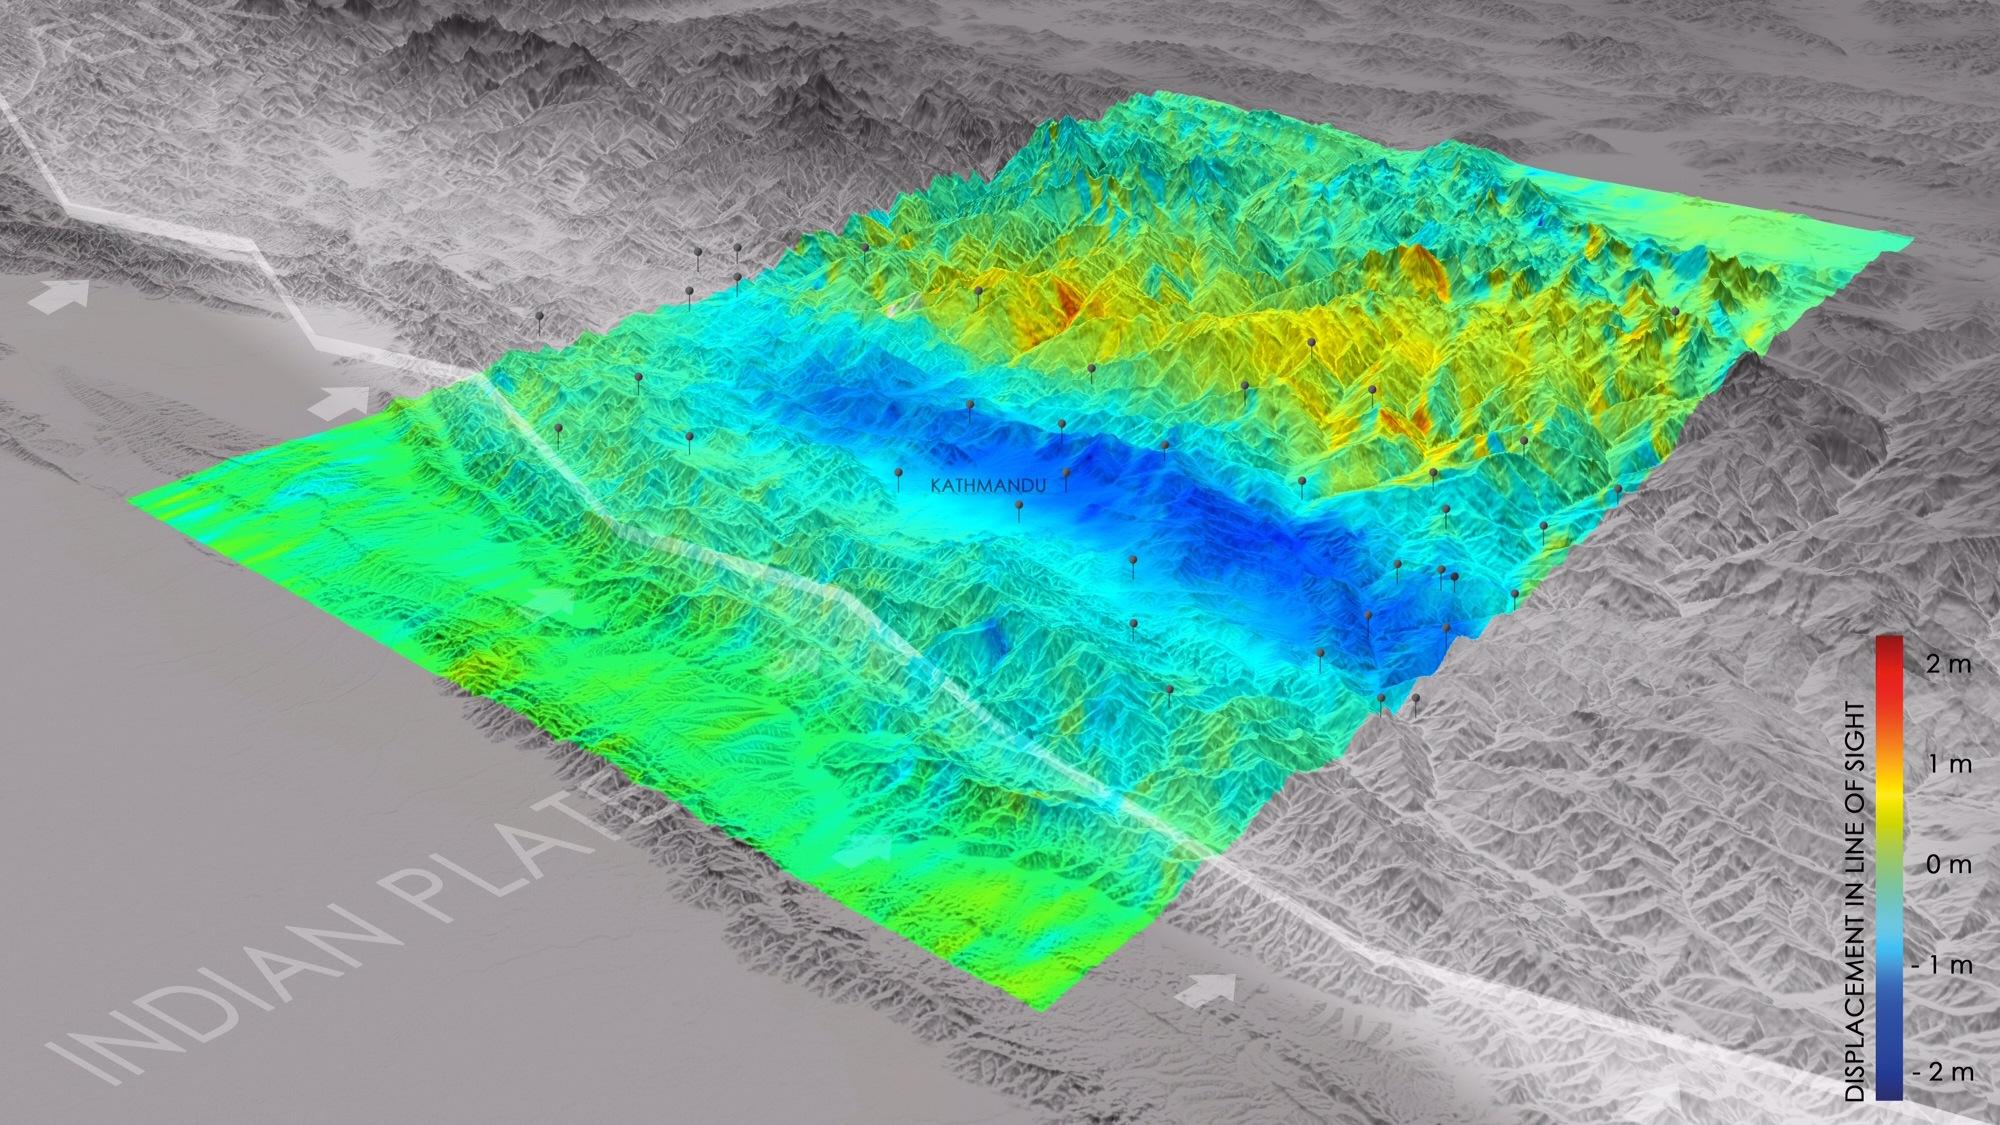 Simulation des Erdbebens am 25. April 2015 in Nepal:Das Bild zeigt die Veränderungen und Spannungen zwischen der indischen und eurasischen Platte, die durch das Beben gelöst wurden. Nahe der Plattengrenze bewegte sich der Erdboden nach oben (blau), weiter nördlich gab es zusammenhängende Absenkungen (rot-gelb) als Gegenbewegung. Weiterhin stellten Wissenschaftler des DLR eine horizontale Bewegung des Gebietes von bis zu 2 Metern in Nord-Süd-Richtung fest. In dem Bild sind zudem zahlreiche Nachbeben gekennzeichnet.